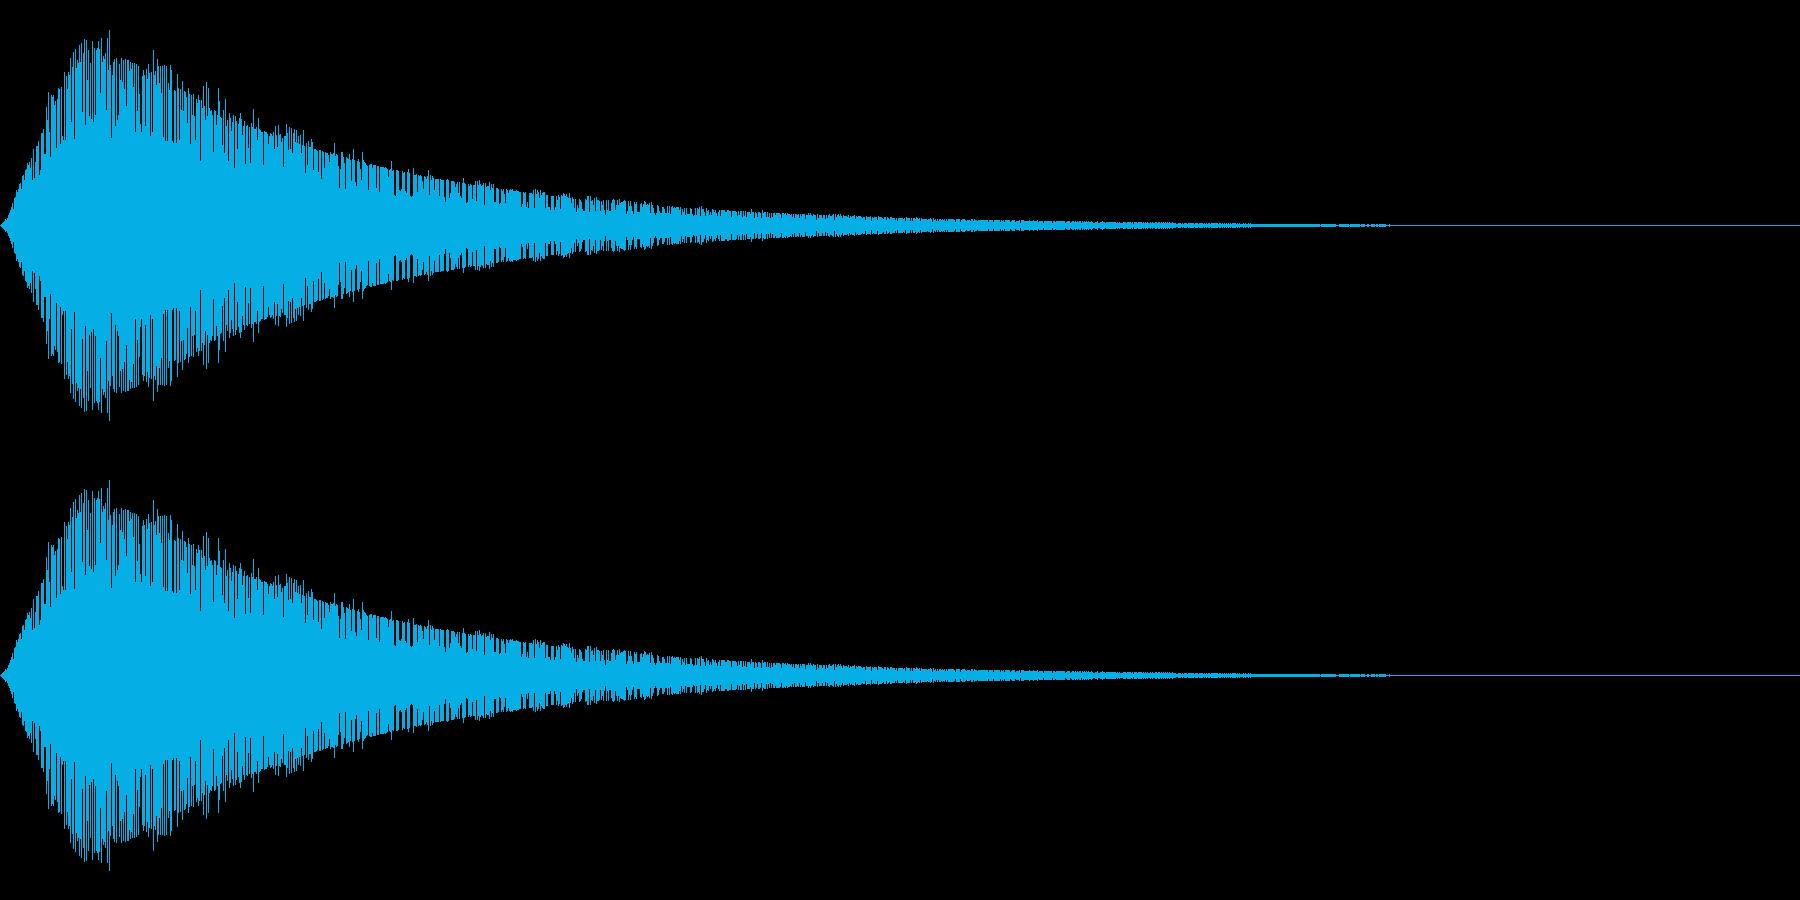 ジャーン(サイバー的)の再生済みの波形